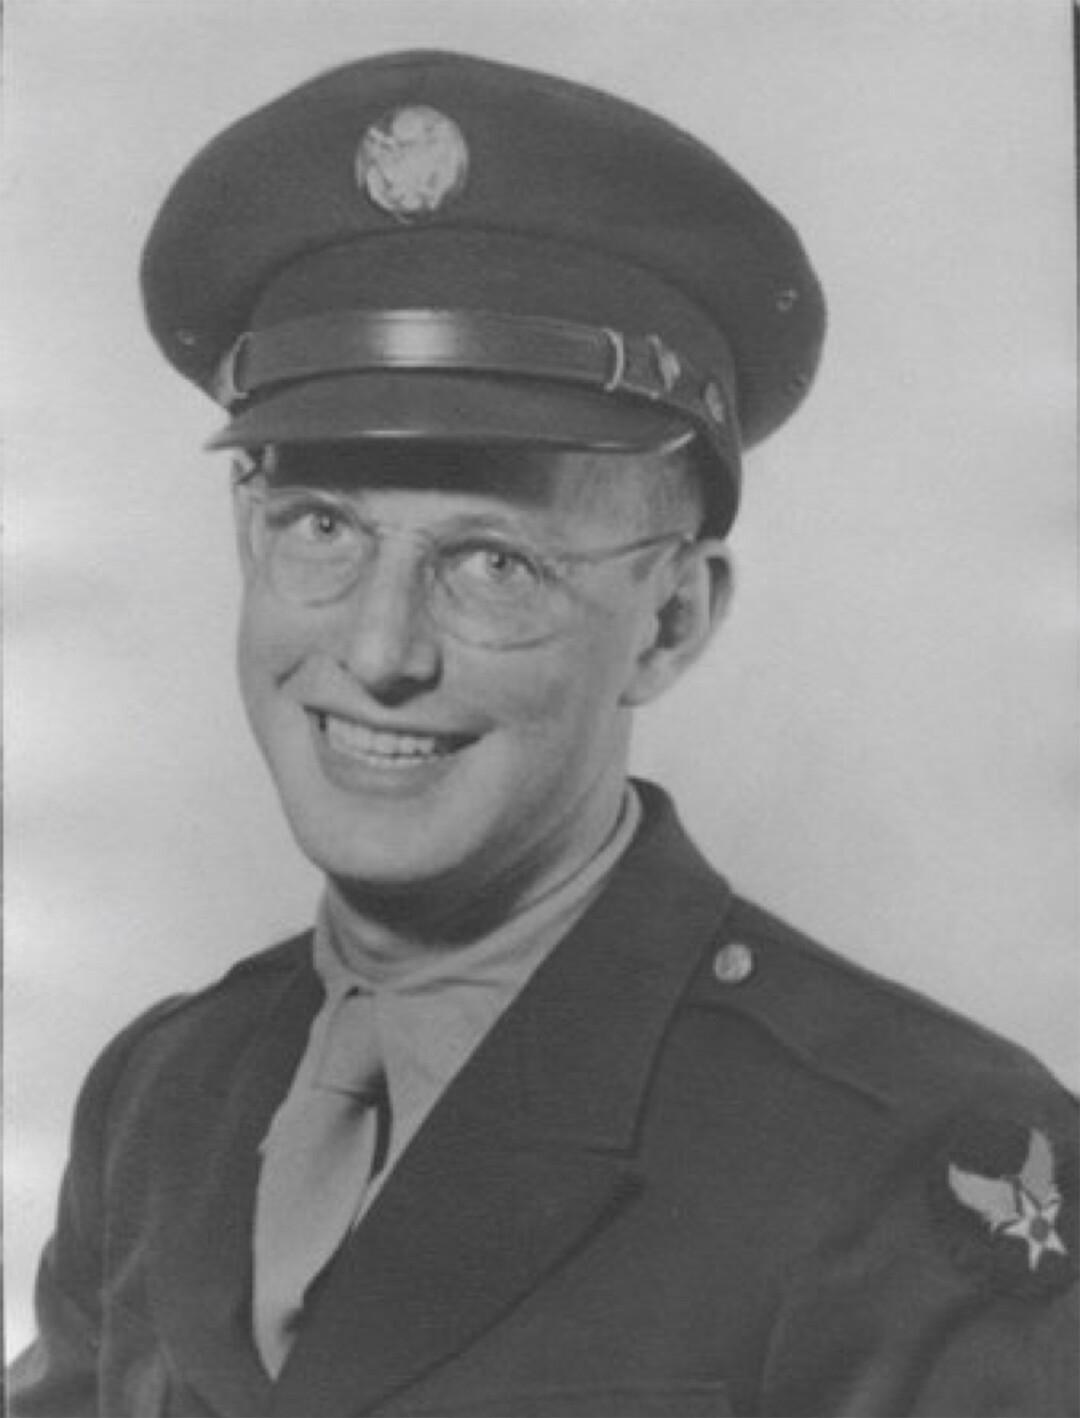 Pvt. Allan C. Franken